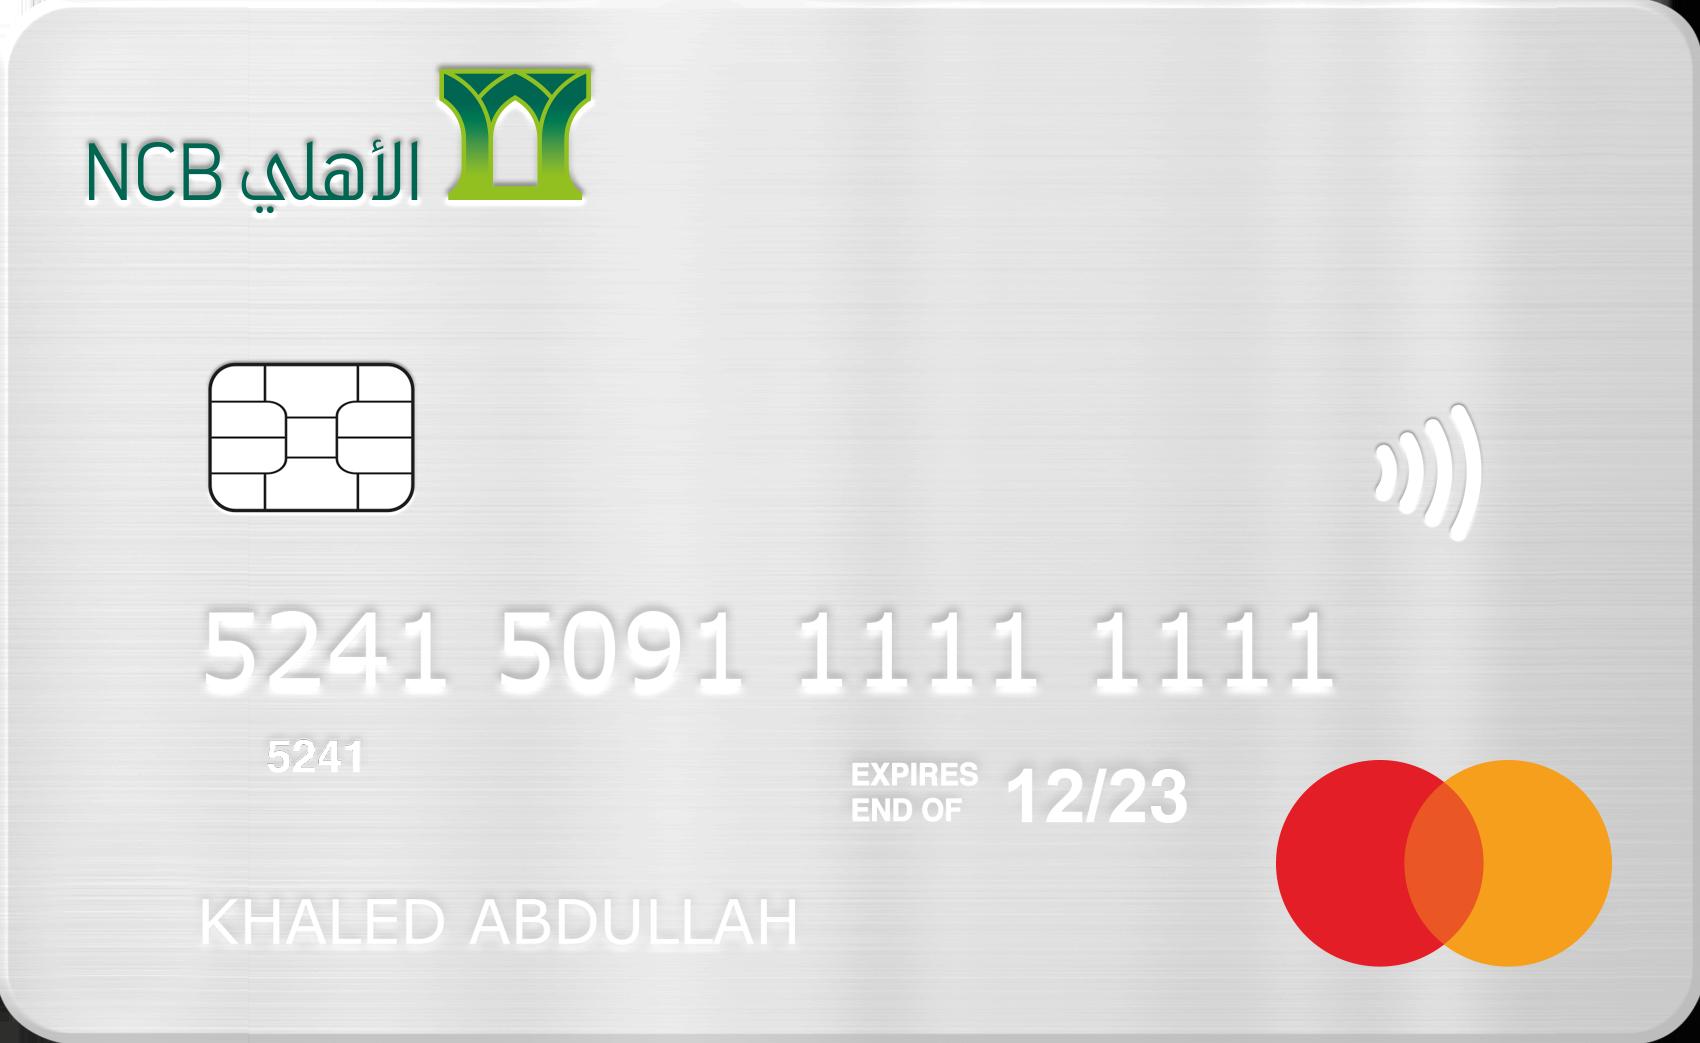 بطاقة الأهلي الائتمانية الجديدة للاسترداد النقدي